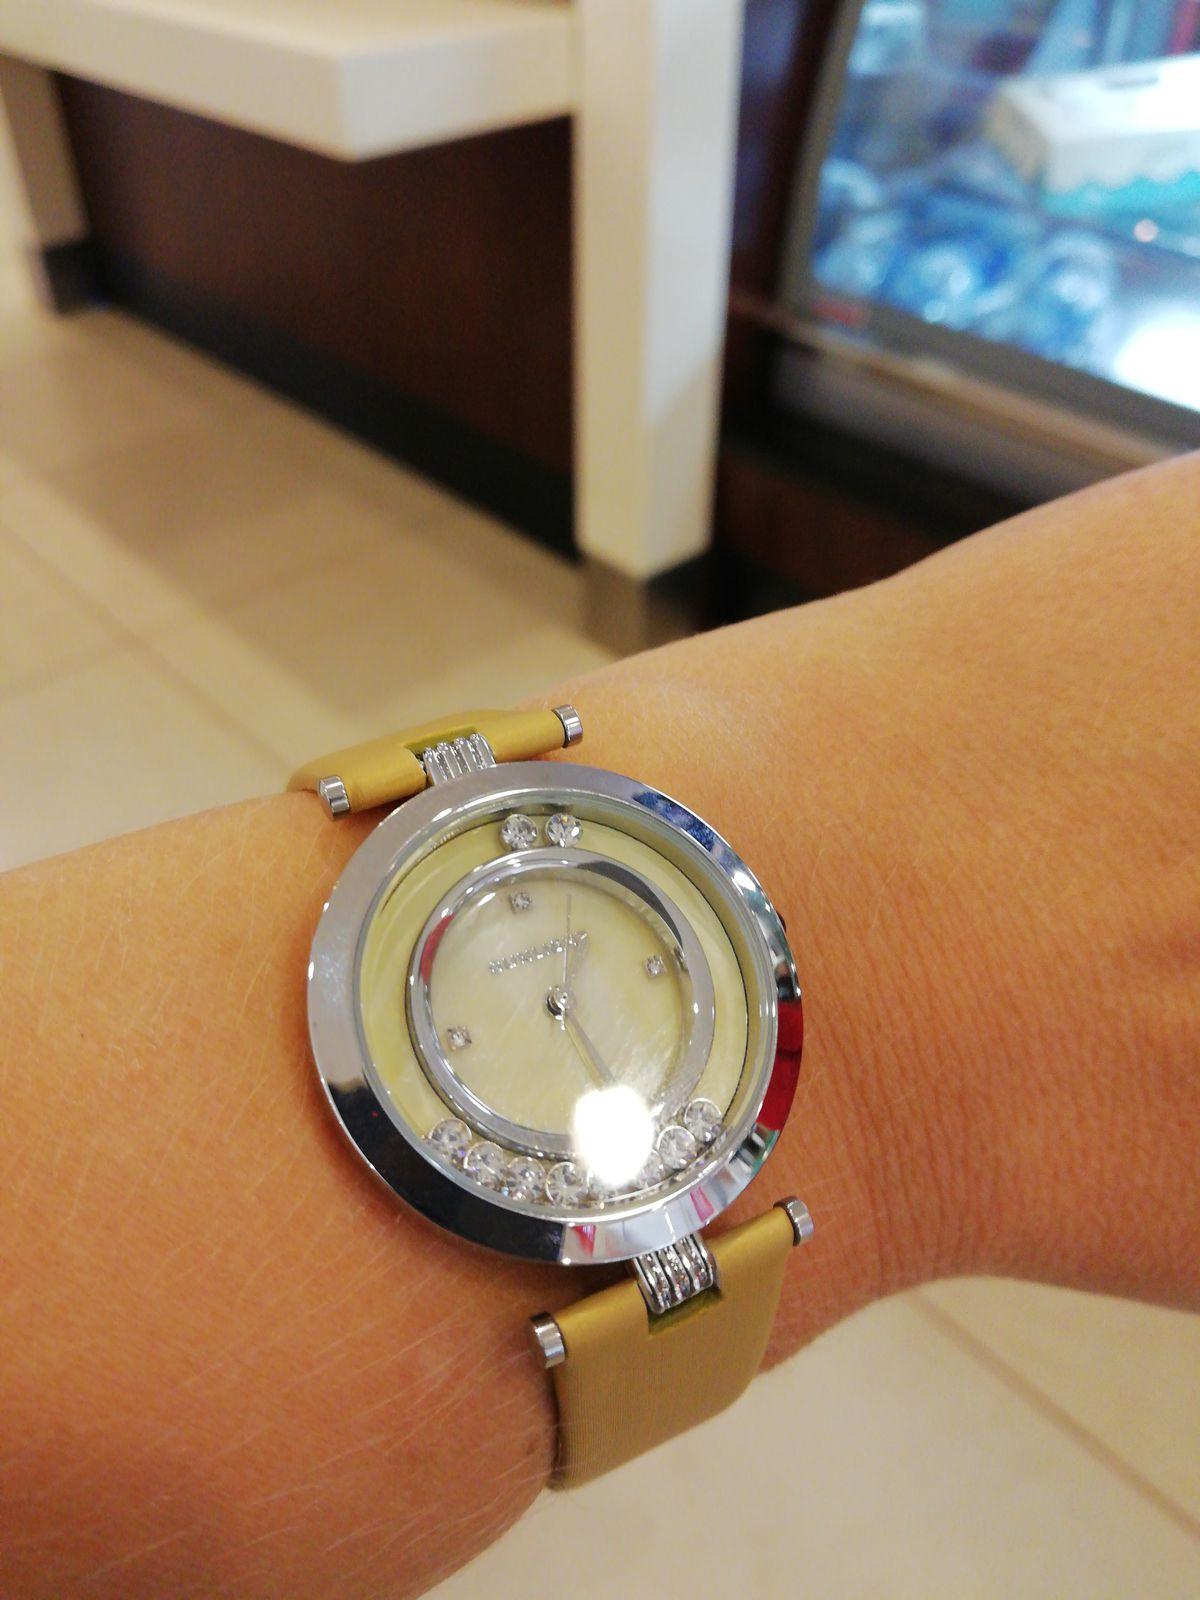 Покупка часов была весьма комфортной. Девушки продавцы очень внимательны